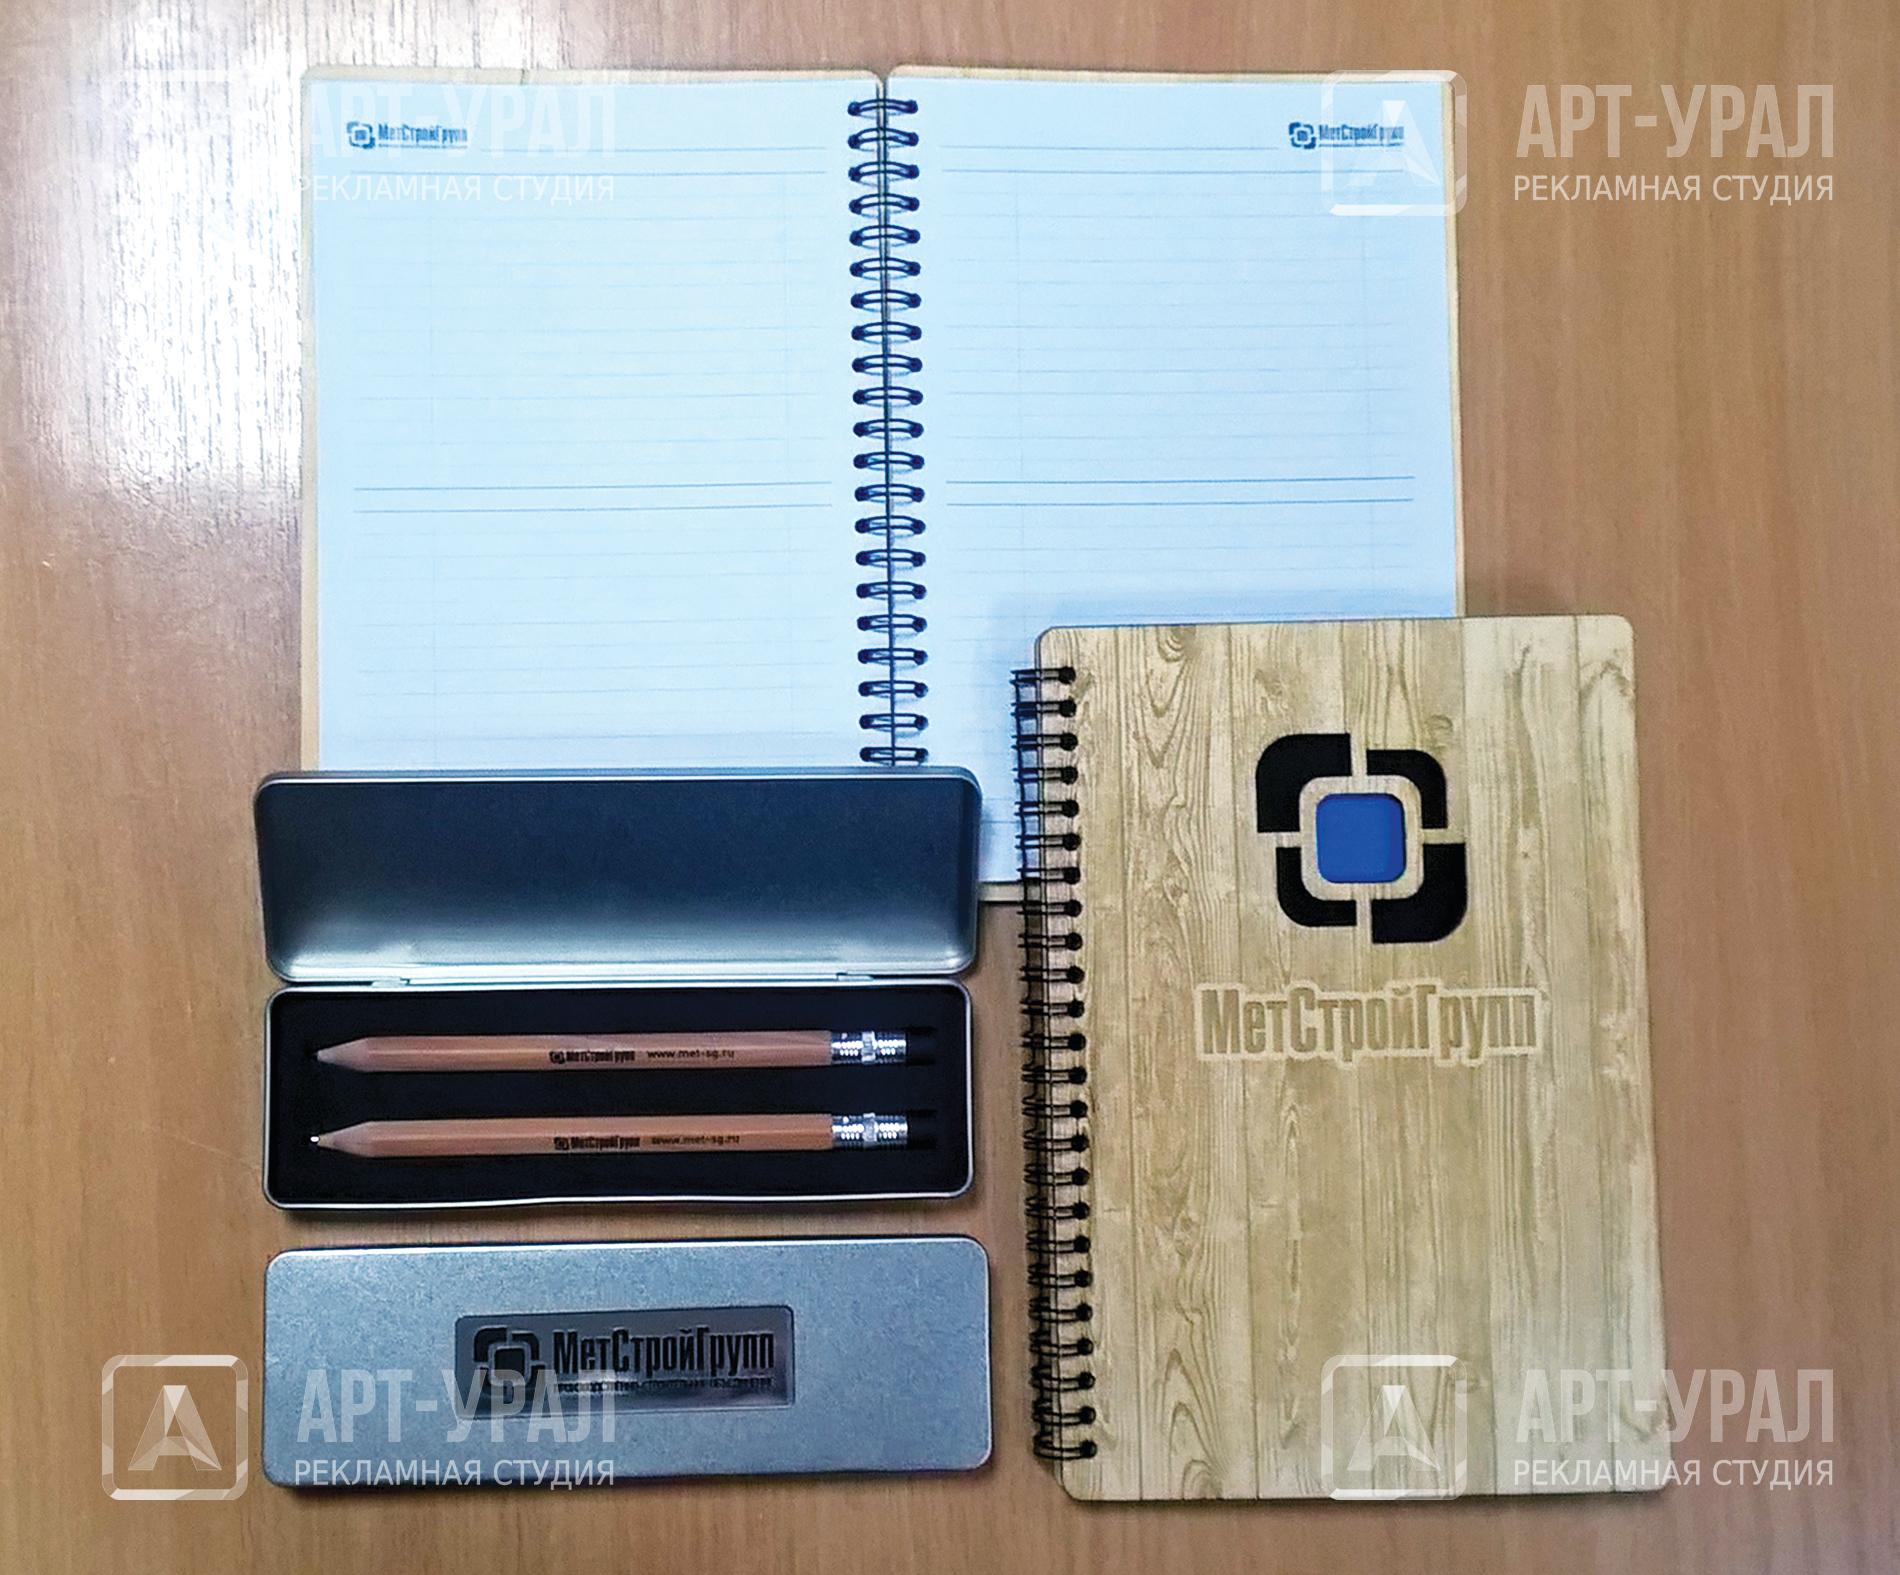 Новый год, подарок, набор, календарь, блокнот, ежедневник, ручка, Первоуральск, рекламное, реклама, макет, дизайн, корпоративный, гравировка, резка, пружинка